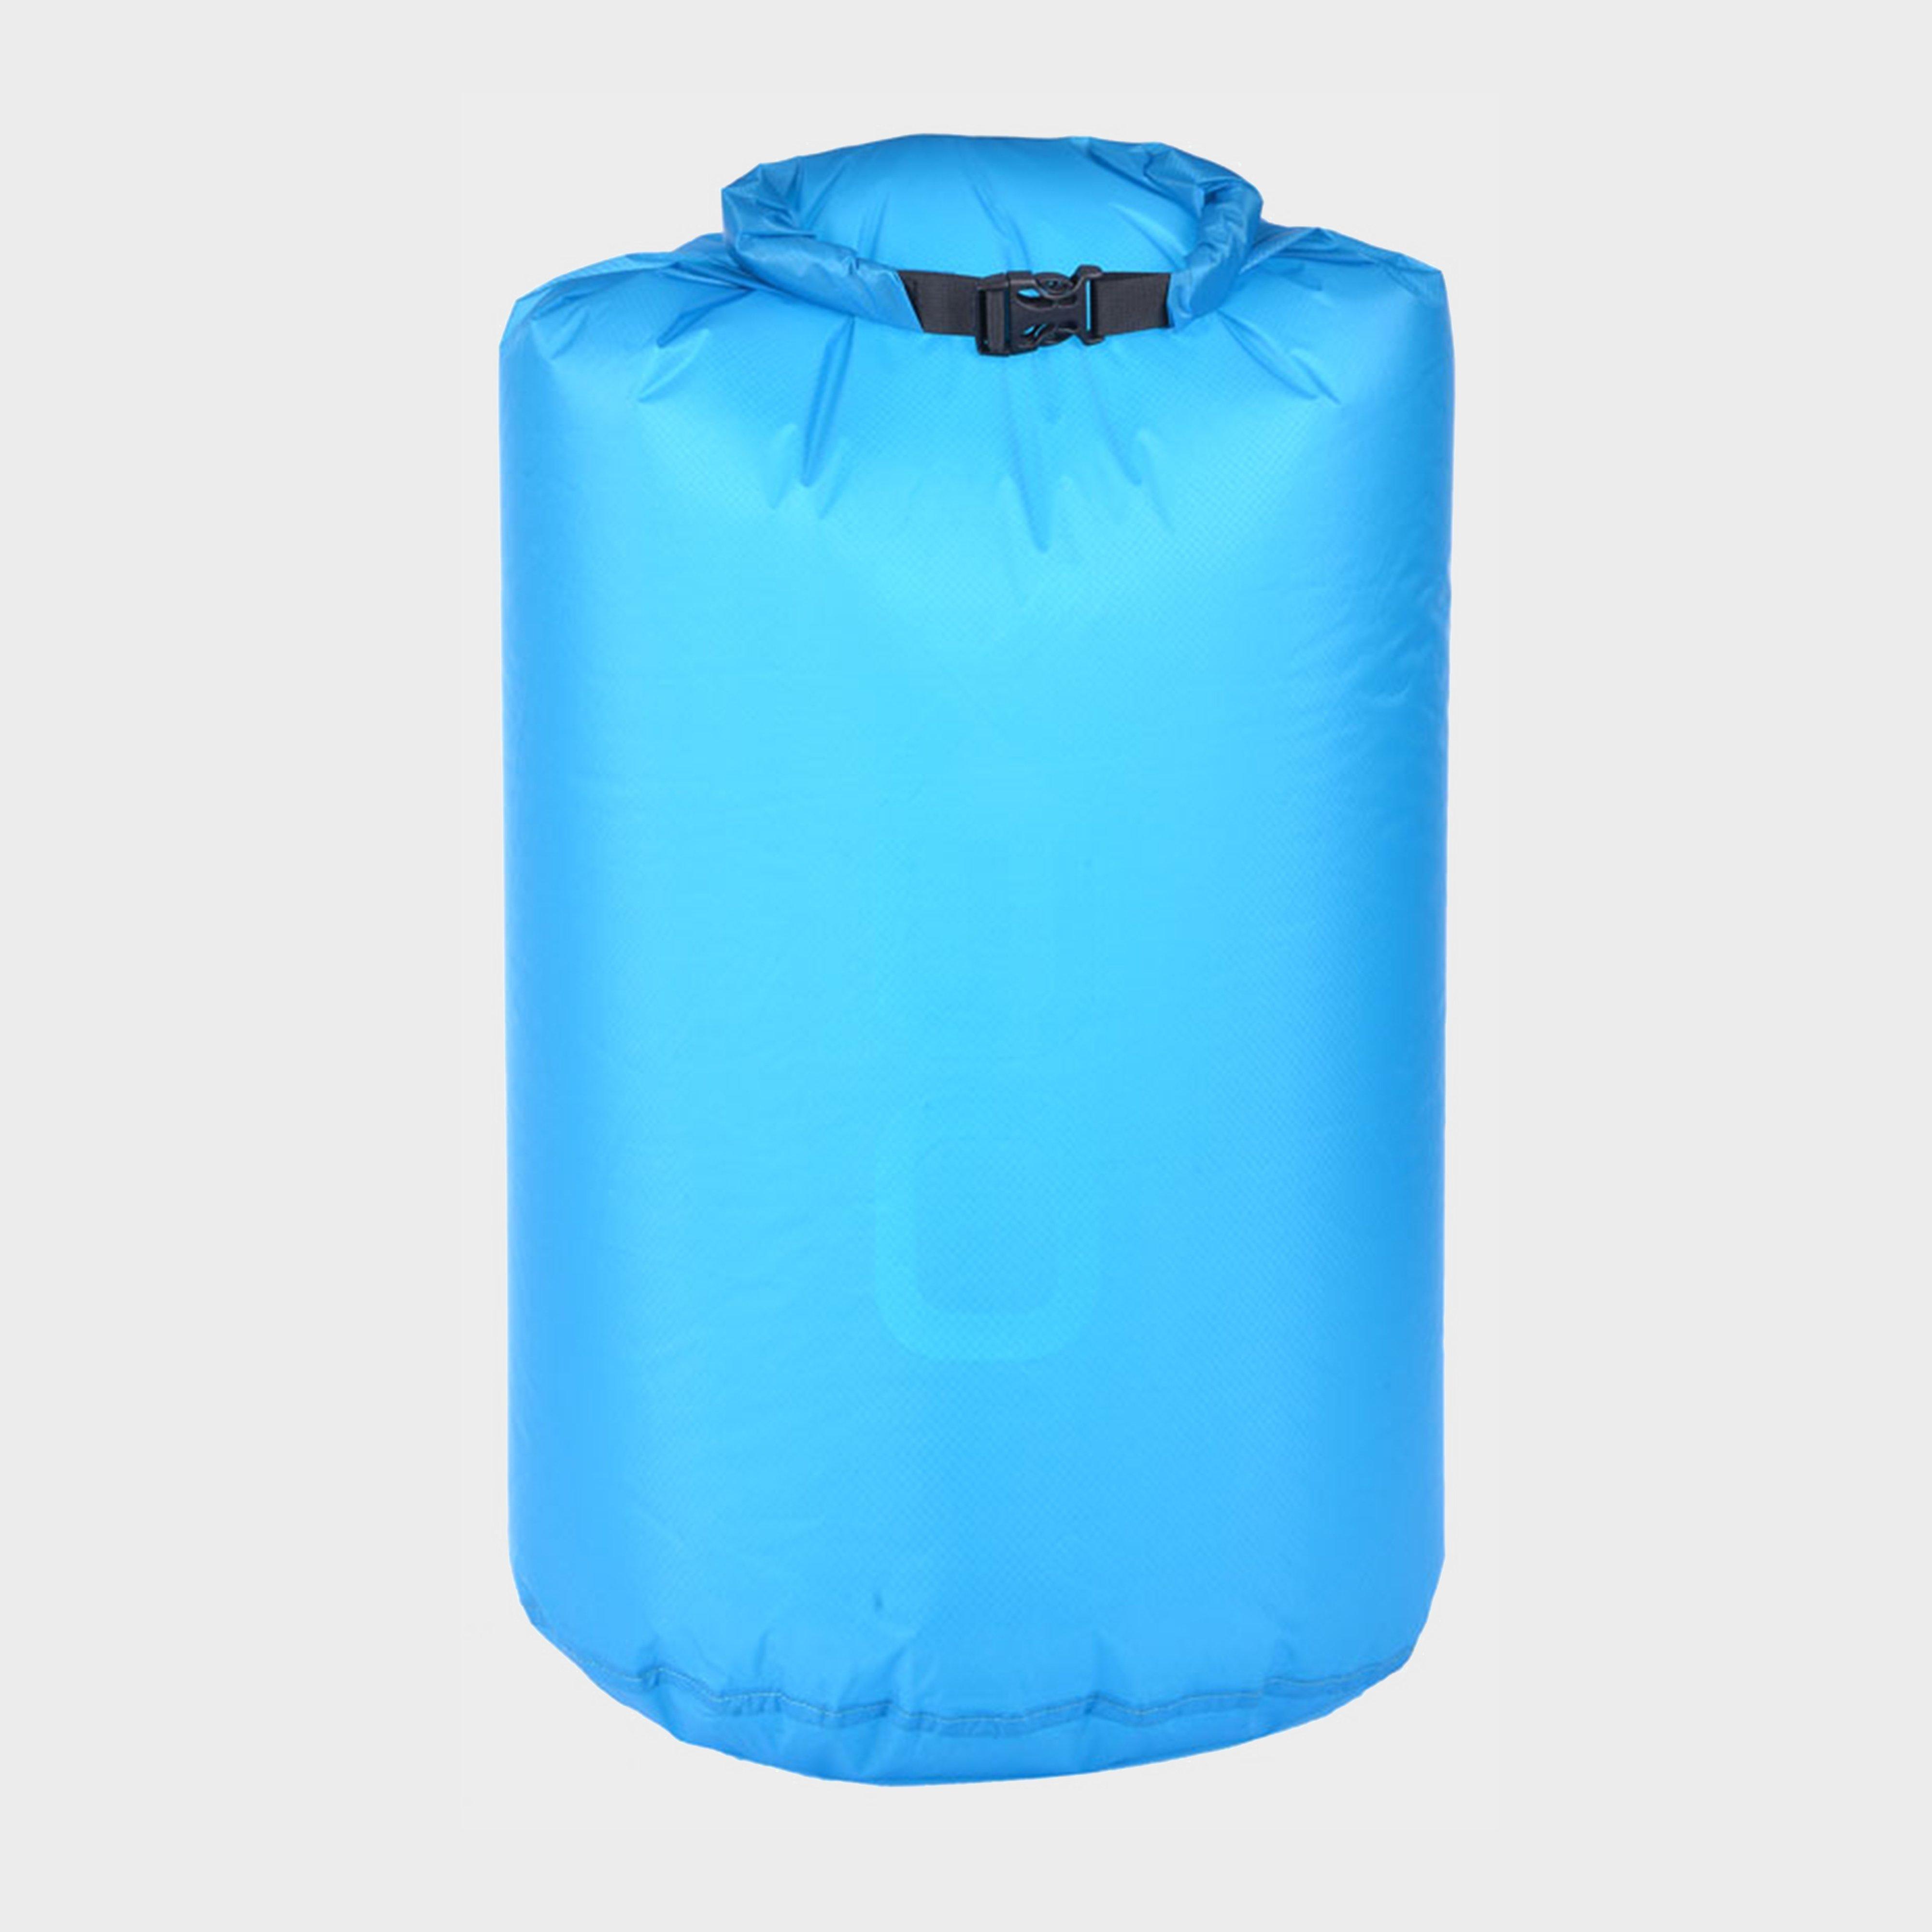 Oex Oex Drysac 75, Blue